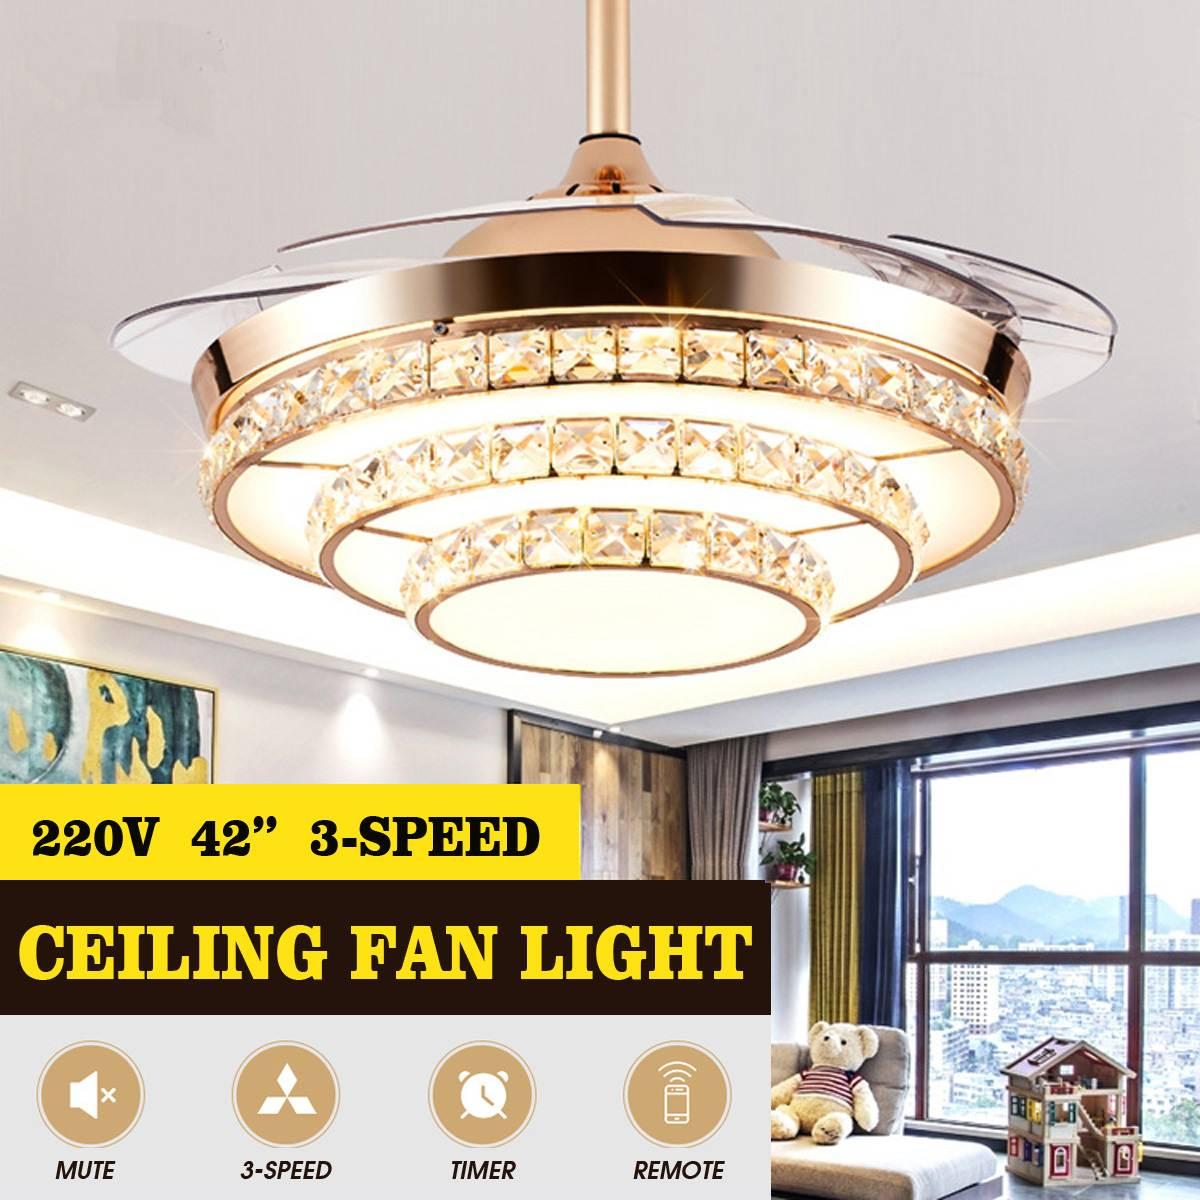 Cristal 220 v 65 w 42 retracretracretrátil led lustre de luz teto 3 velocidade controle remoto lâmina ventilador lâmpada